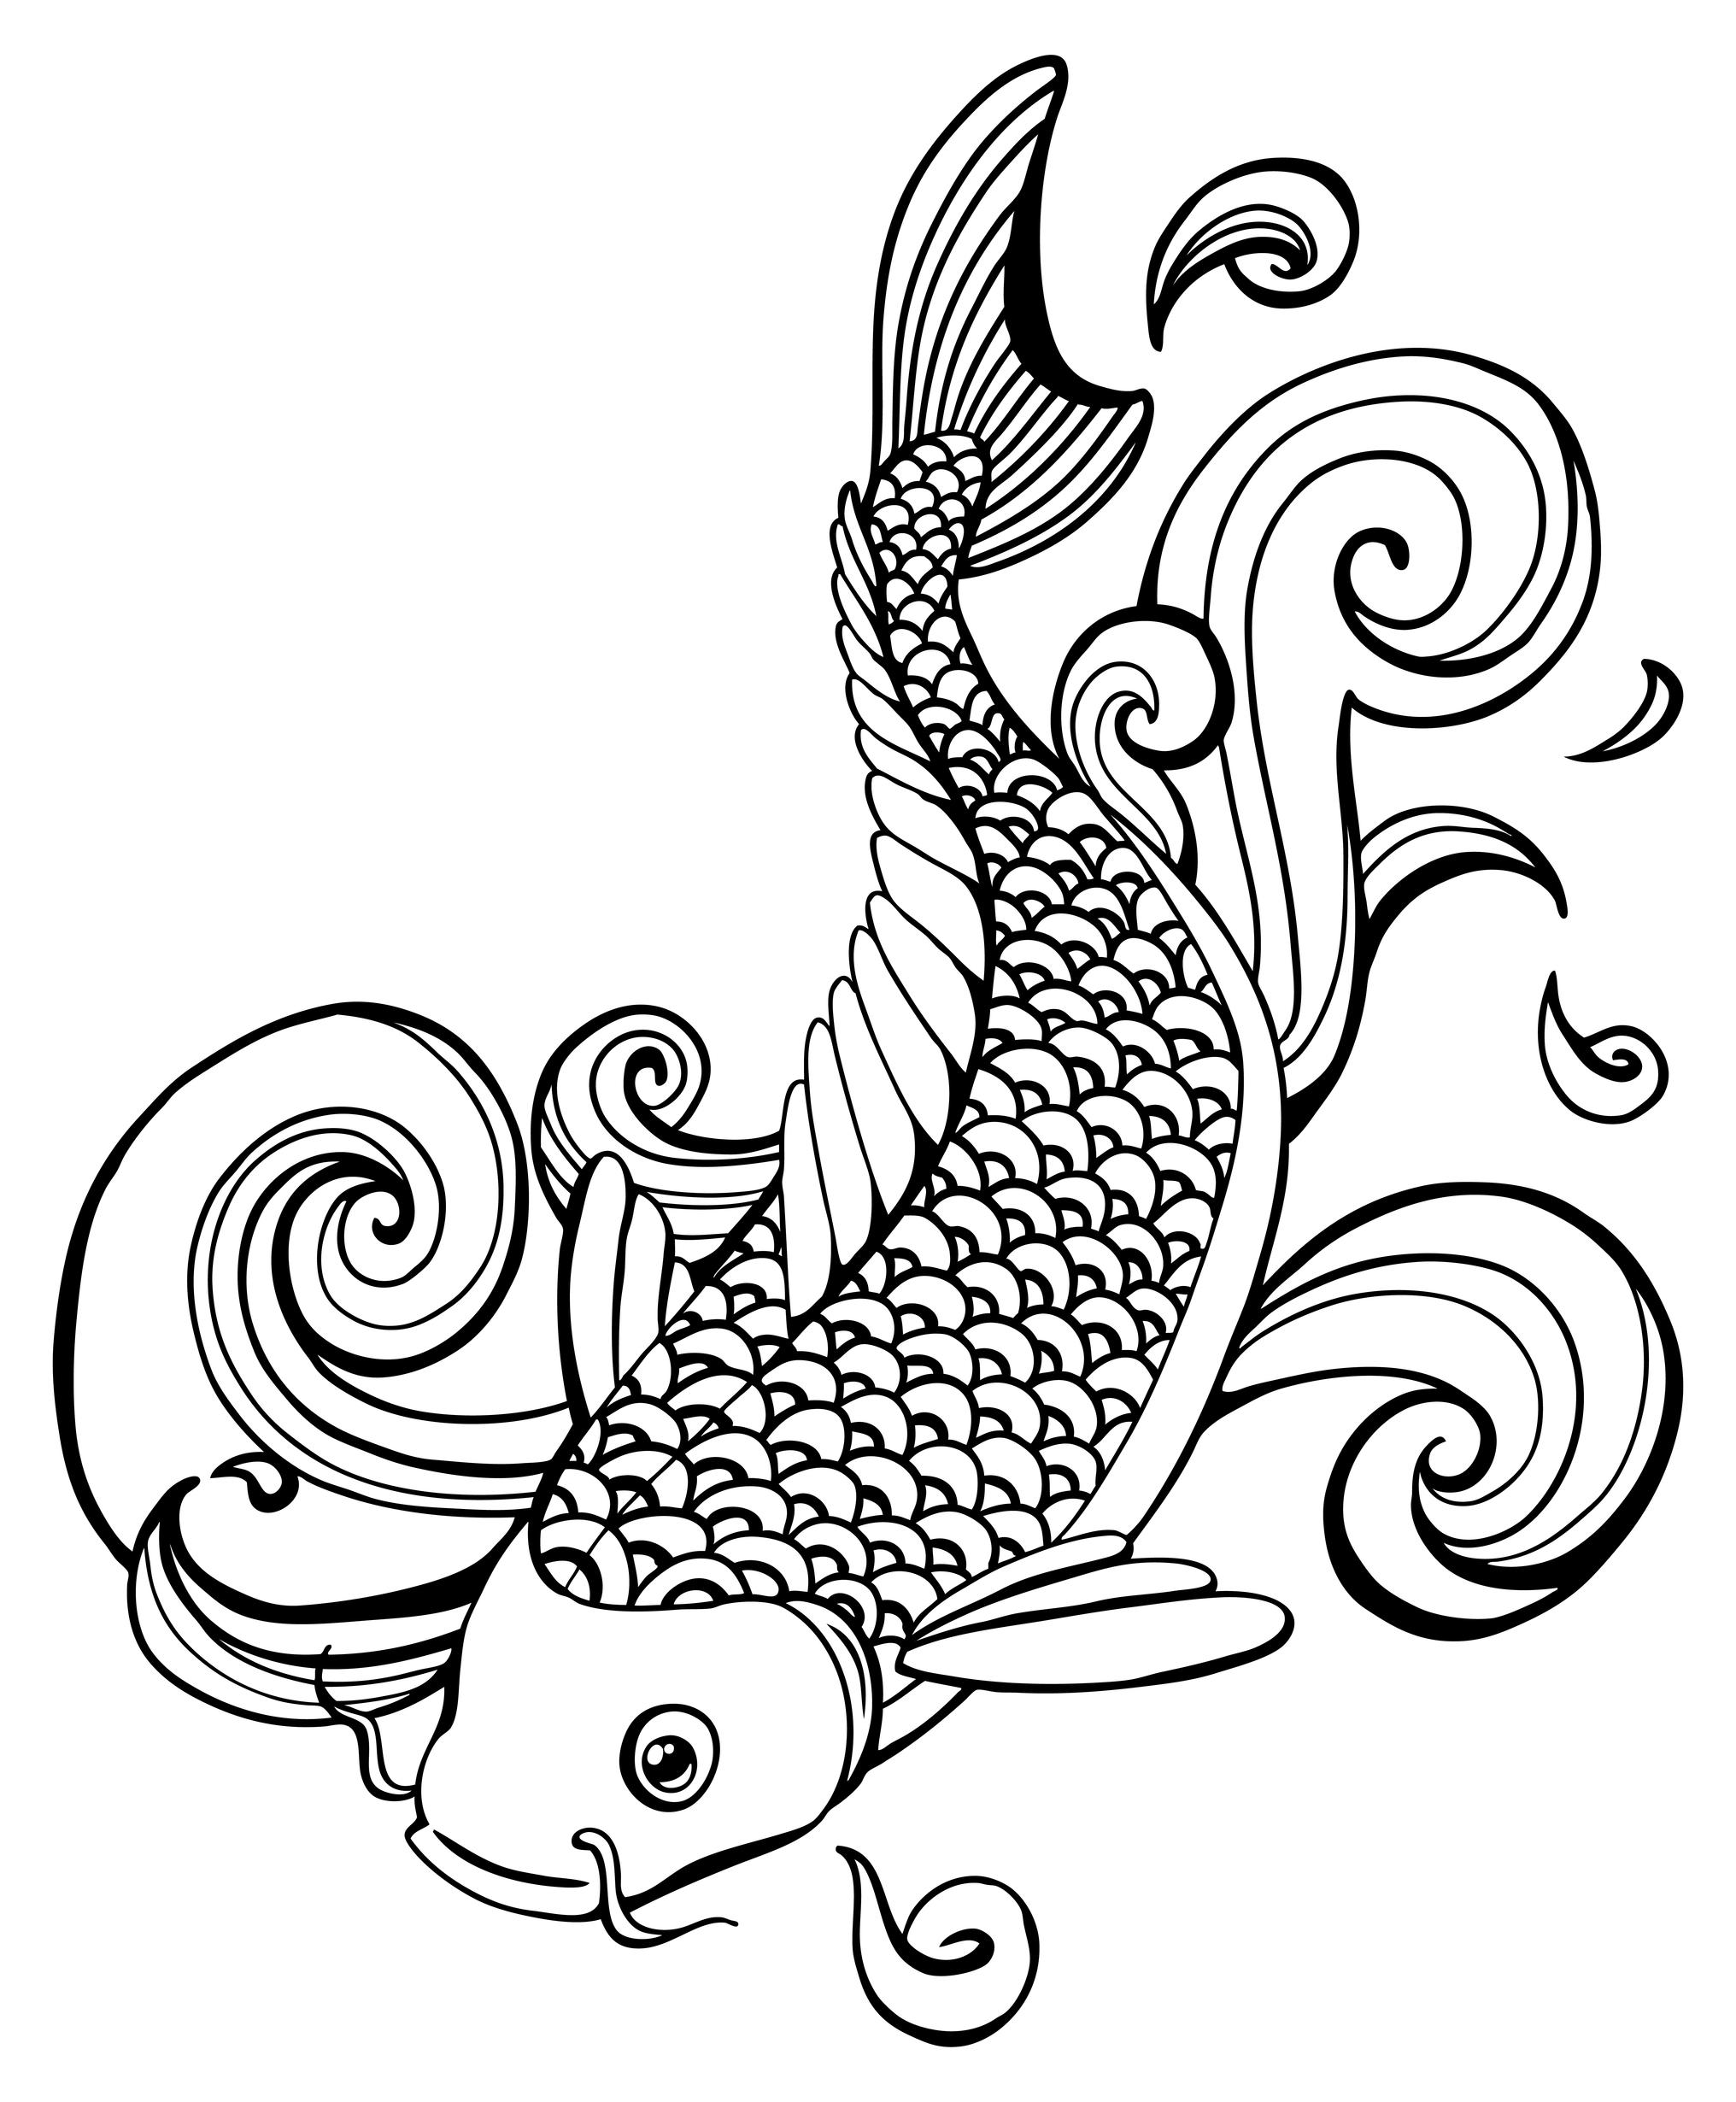 Japanese Koi Fish Drawing At Getdrawings